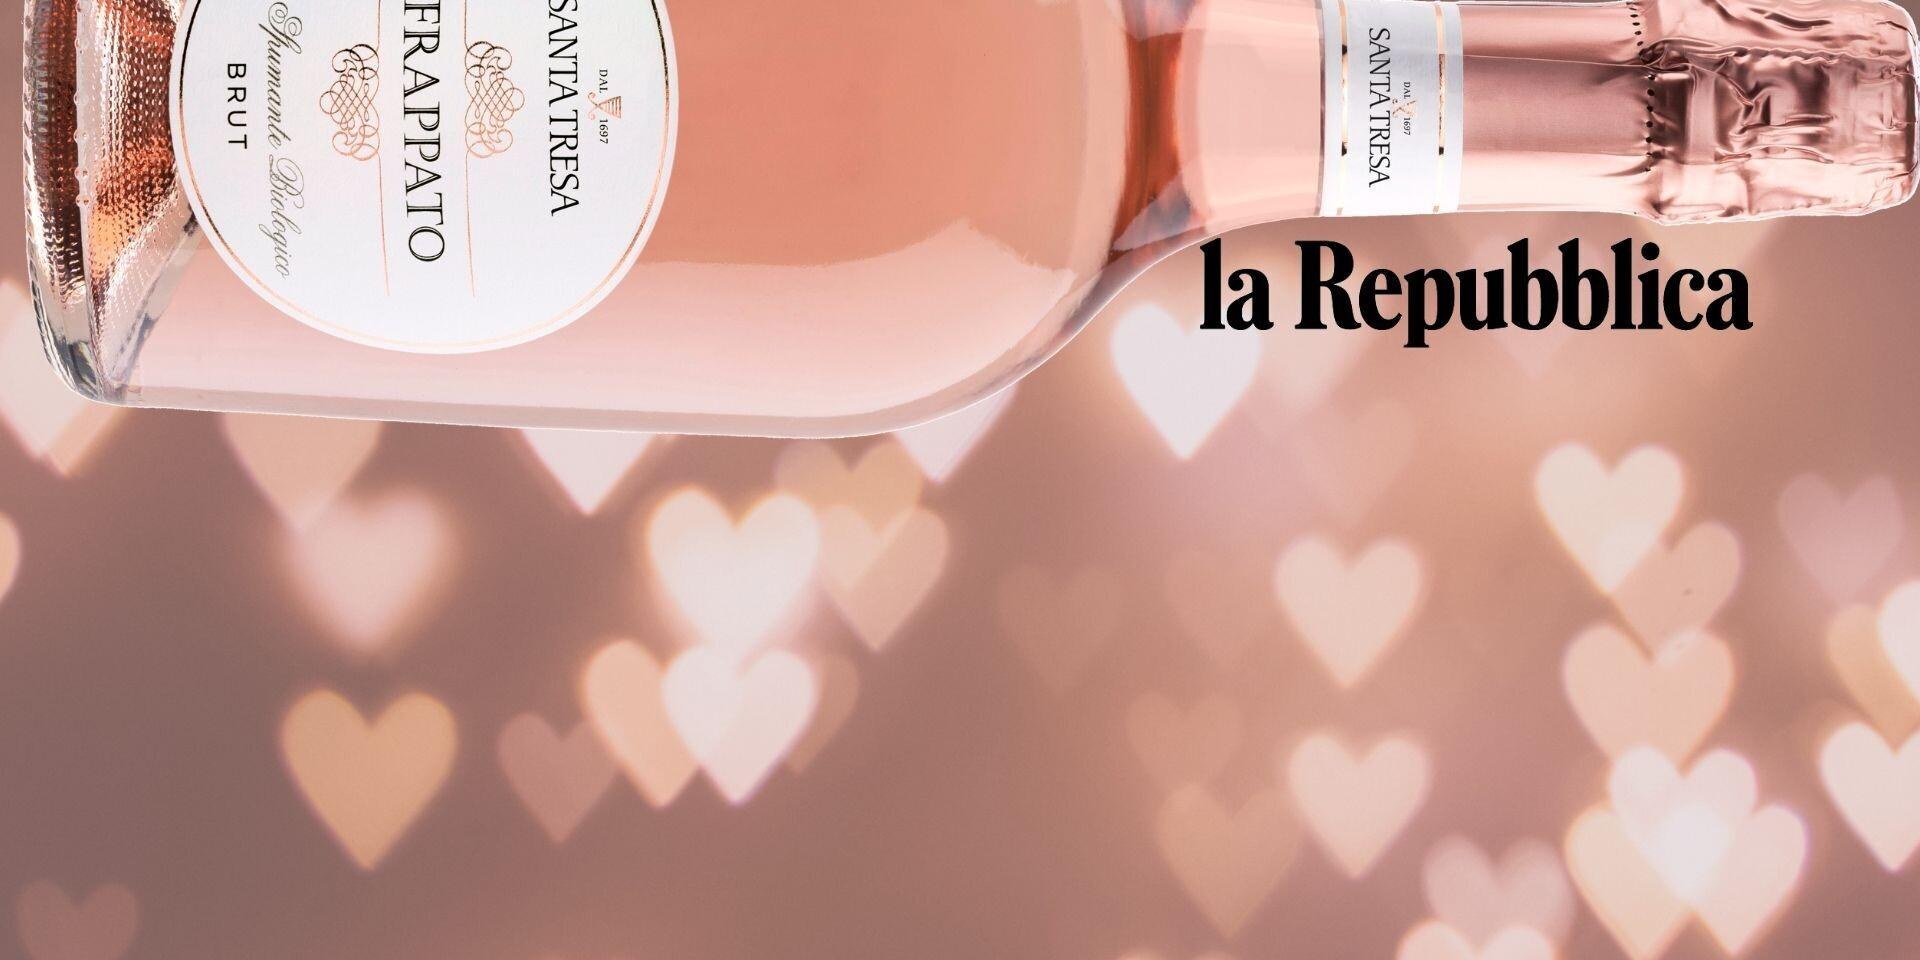 La Repubblica - Frappato Spumante - Le bollicine dell'amore